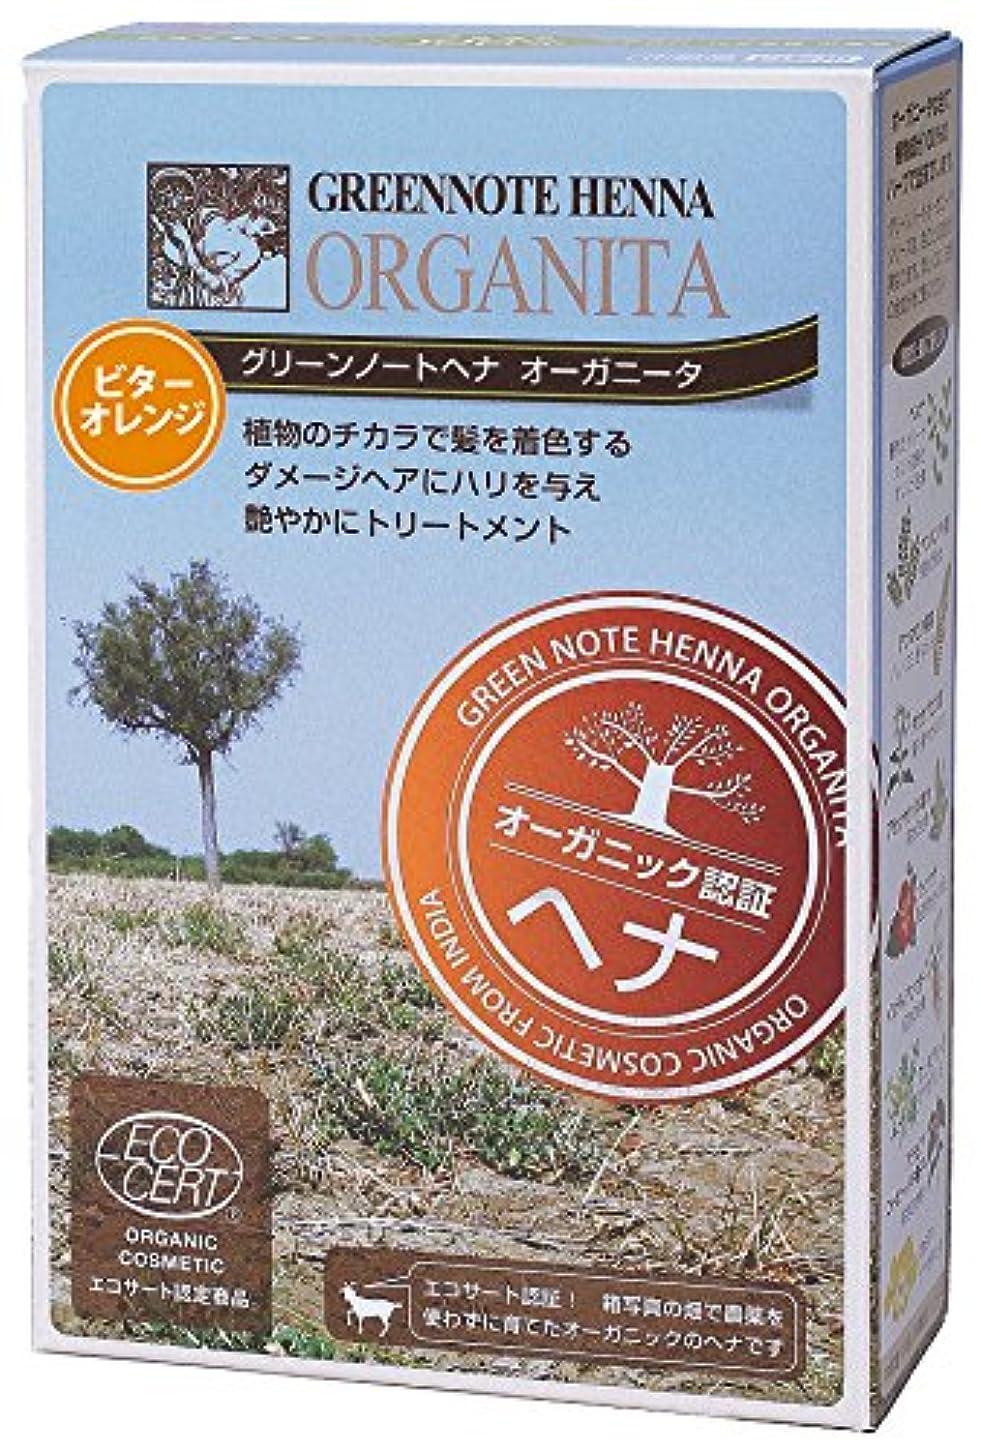 取り出す難しい優しいグリーンノートヘナ オーガニータ ビターオレンジ 100g